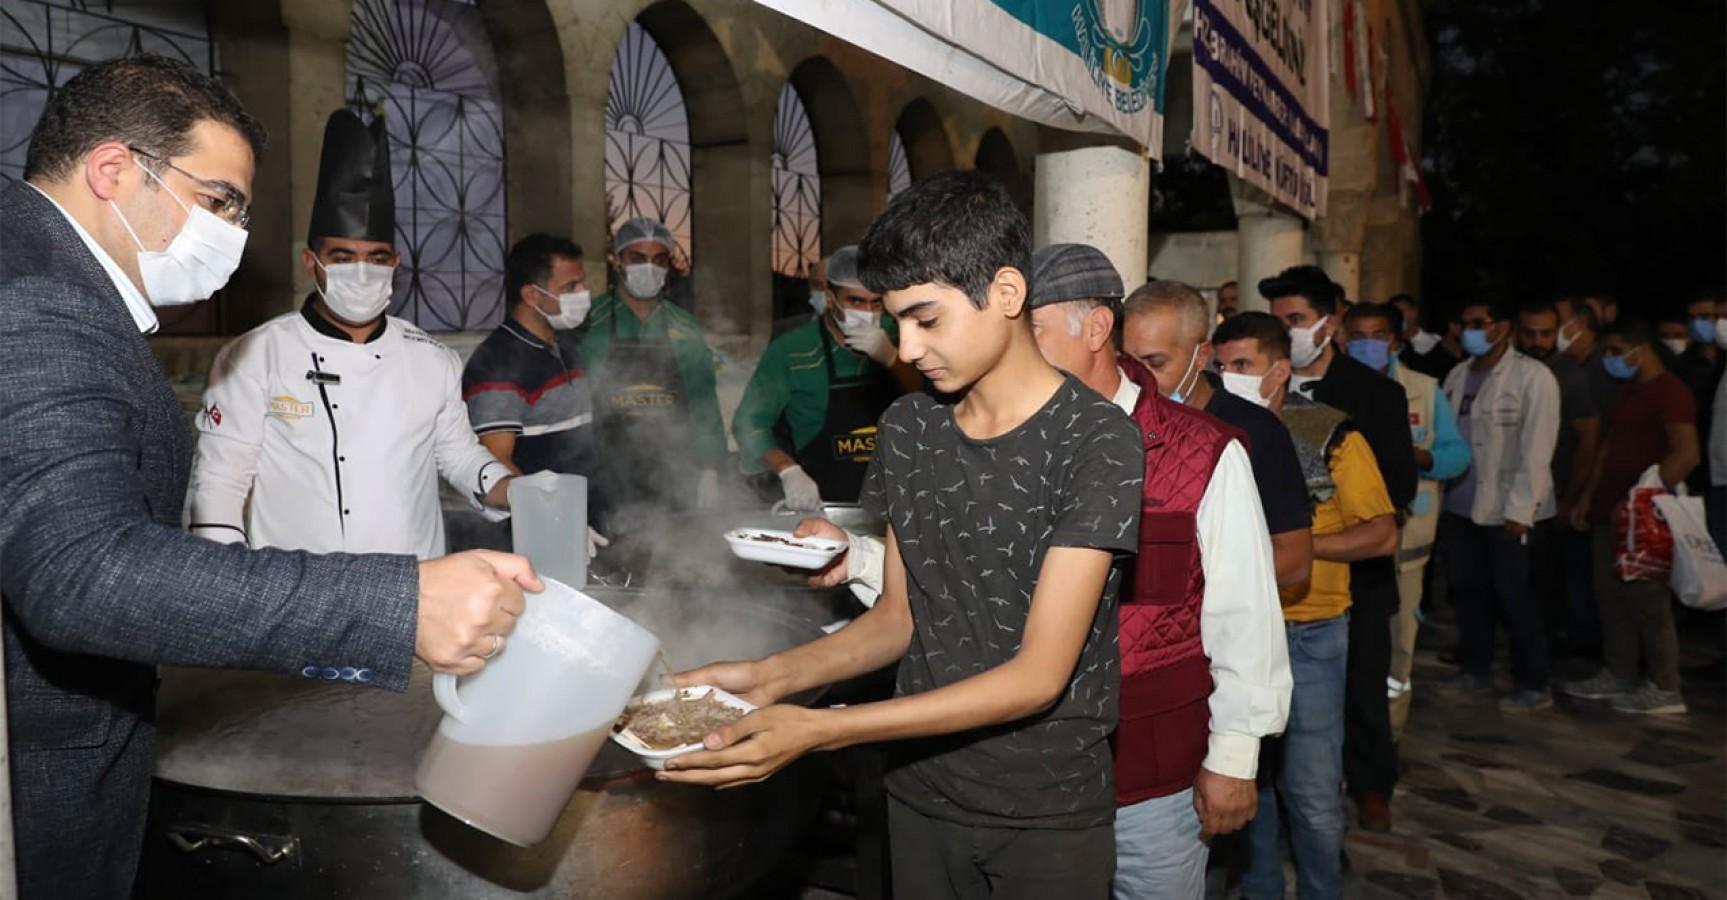 Şanlıurfa'da binlerce vatandaşa tirit ikramı